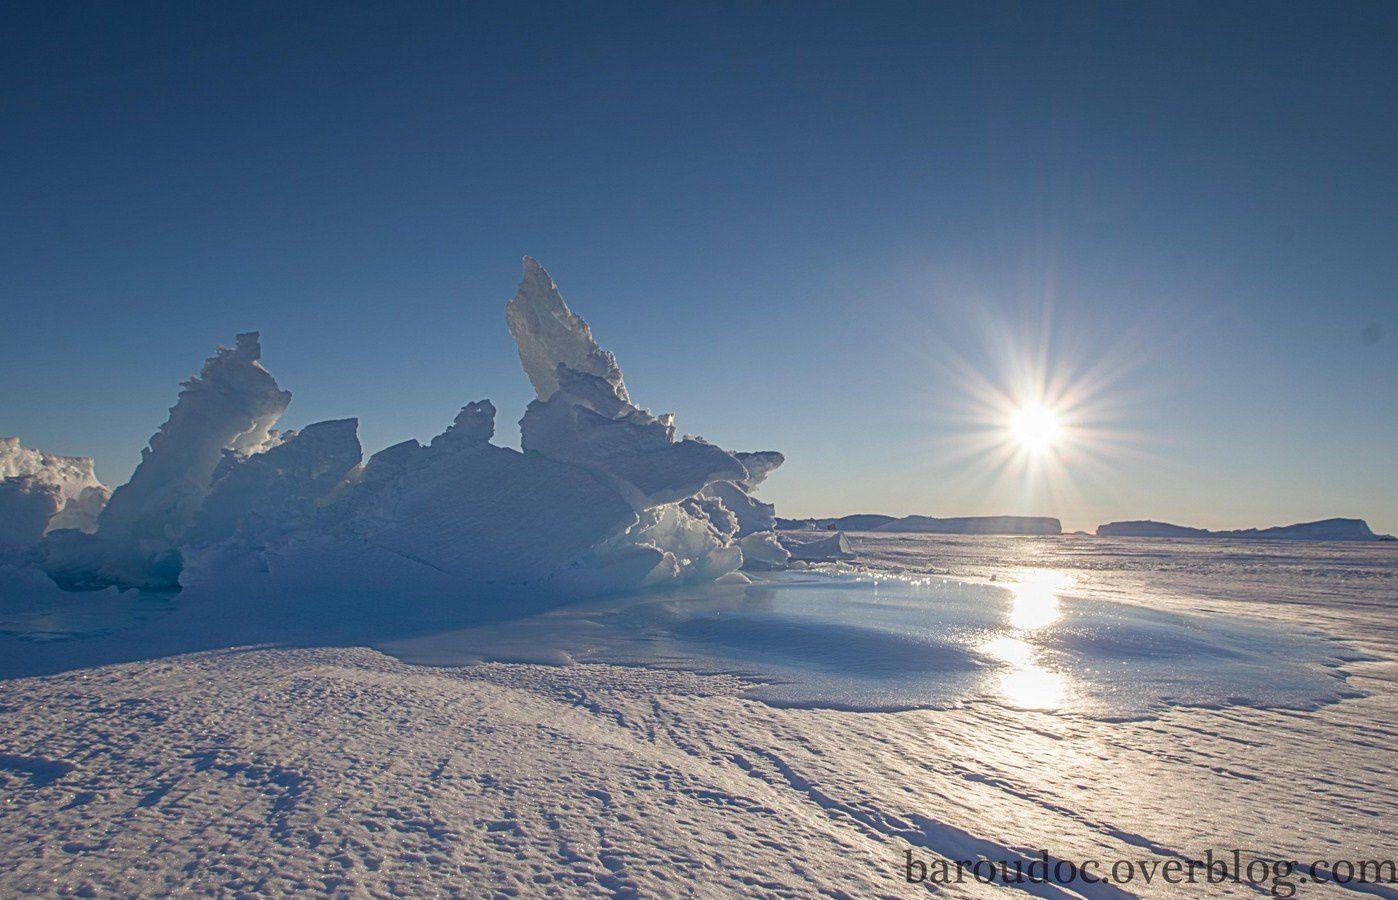 La petite étendue d'eau visible est bel et bien une plaque de glace au pied du berg, témoin d'une résurgence (remontée d'eau au-dessus de la banquise).